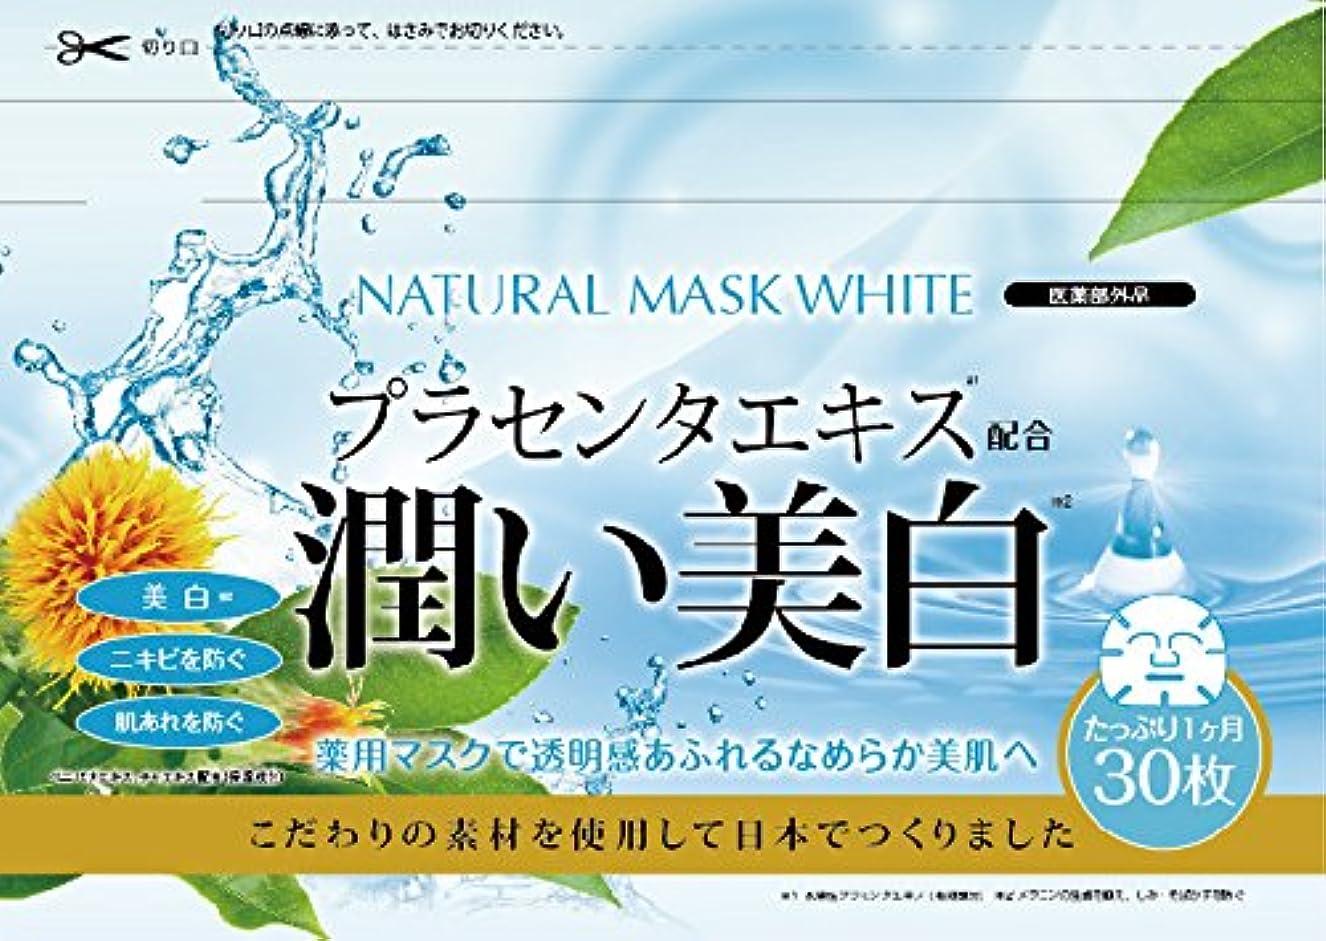 羊飼い含意ブースナチュラルマスク ホワイト 30枚入り (医薬部外品)